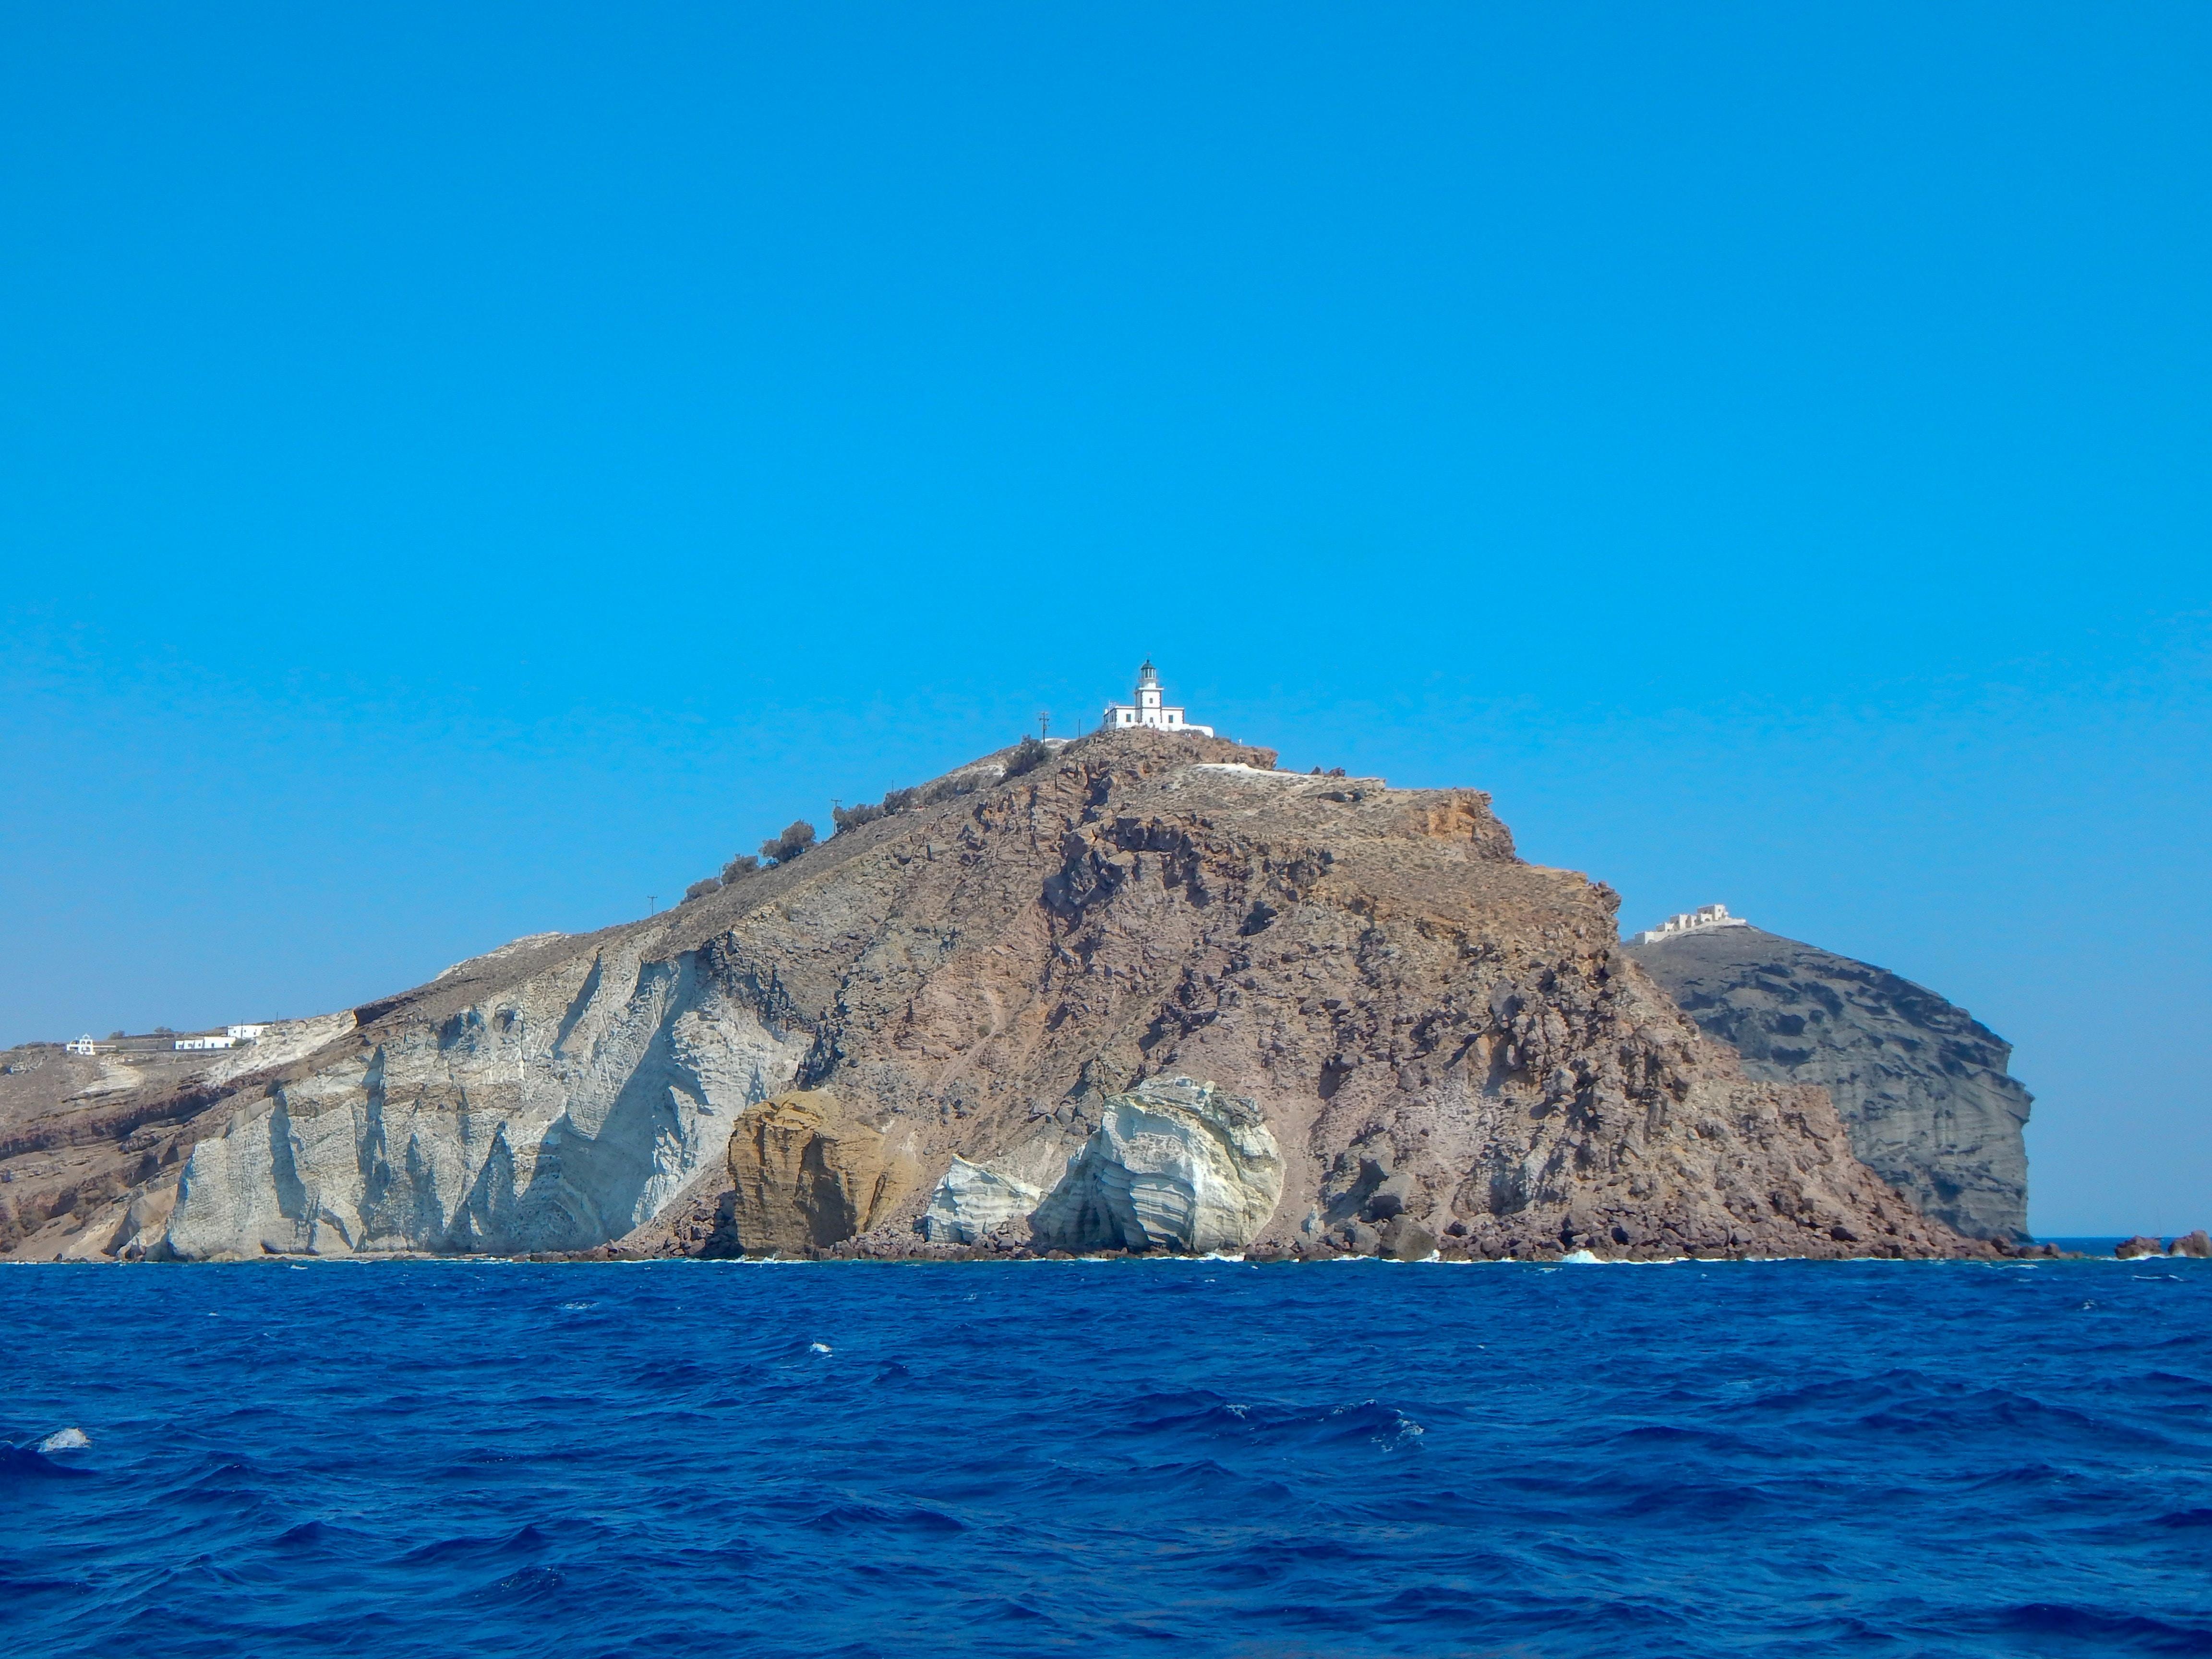 Reisetipps für deinen Santorini Urlaub: Am Leuchtturm von Faros kannst du die Ruhe genießen und den Sonnenuntergang ansehen.